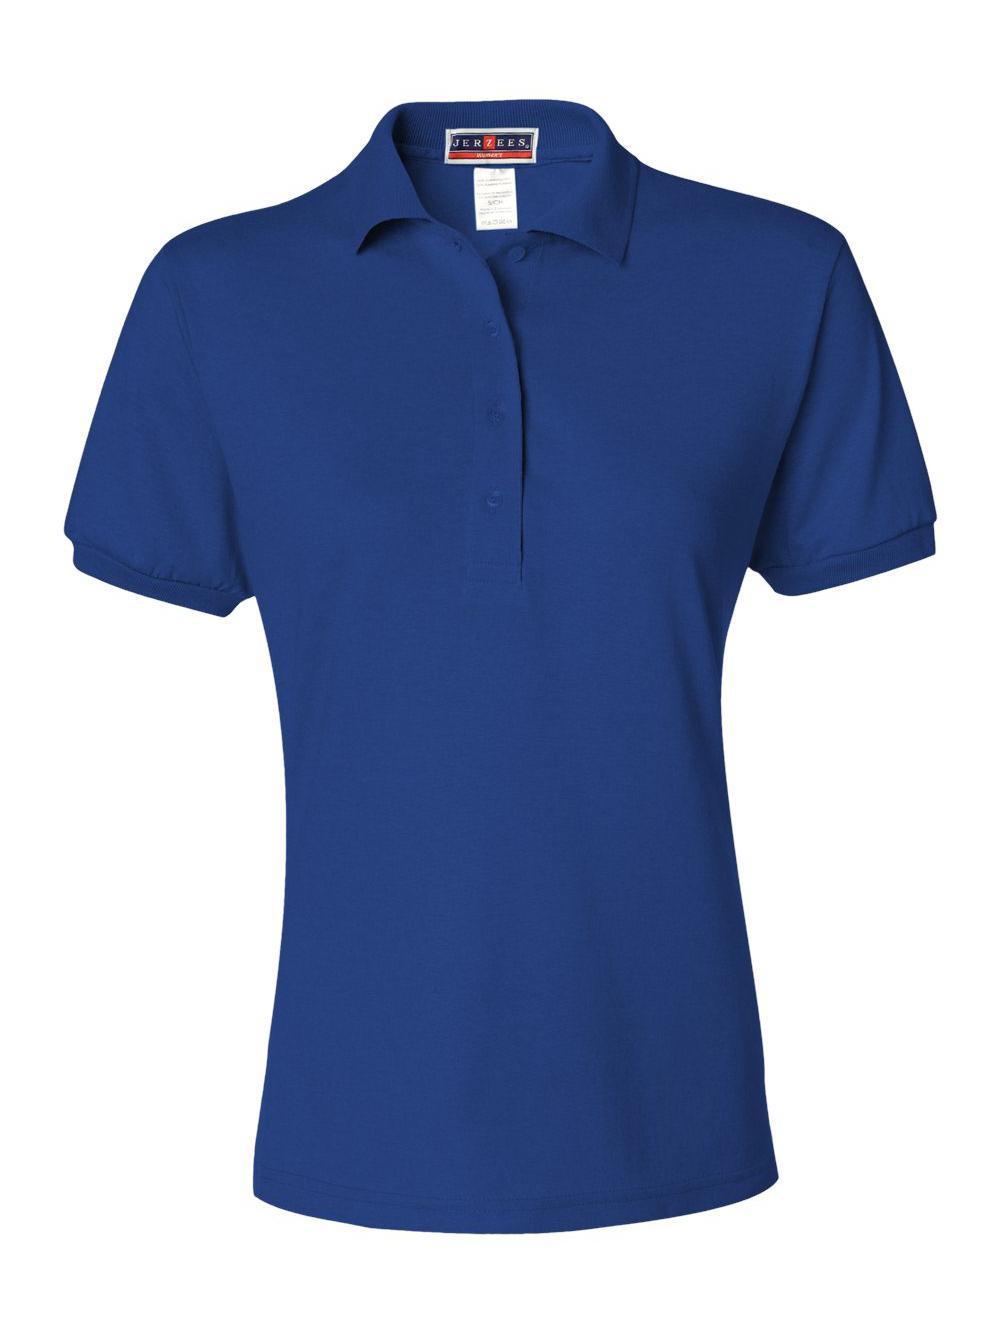 Jerzees-Women-039-s-Spotshield-50-50-Sport-Shirt-437WR thumbnail 30